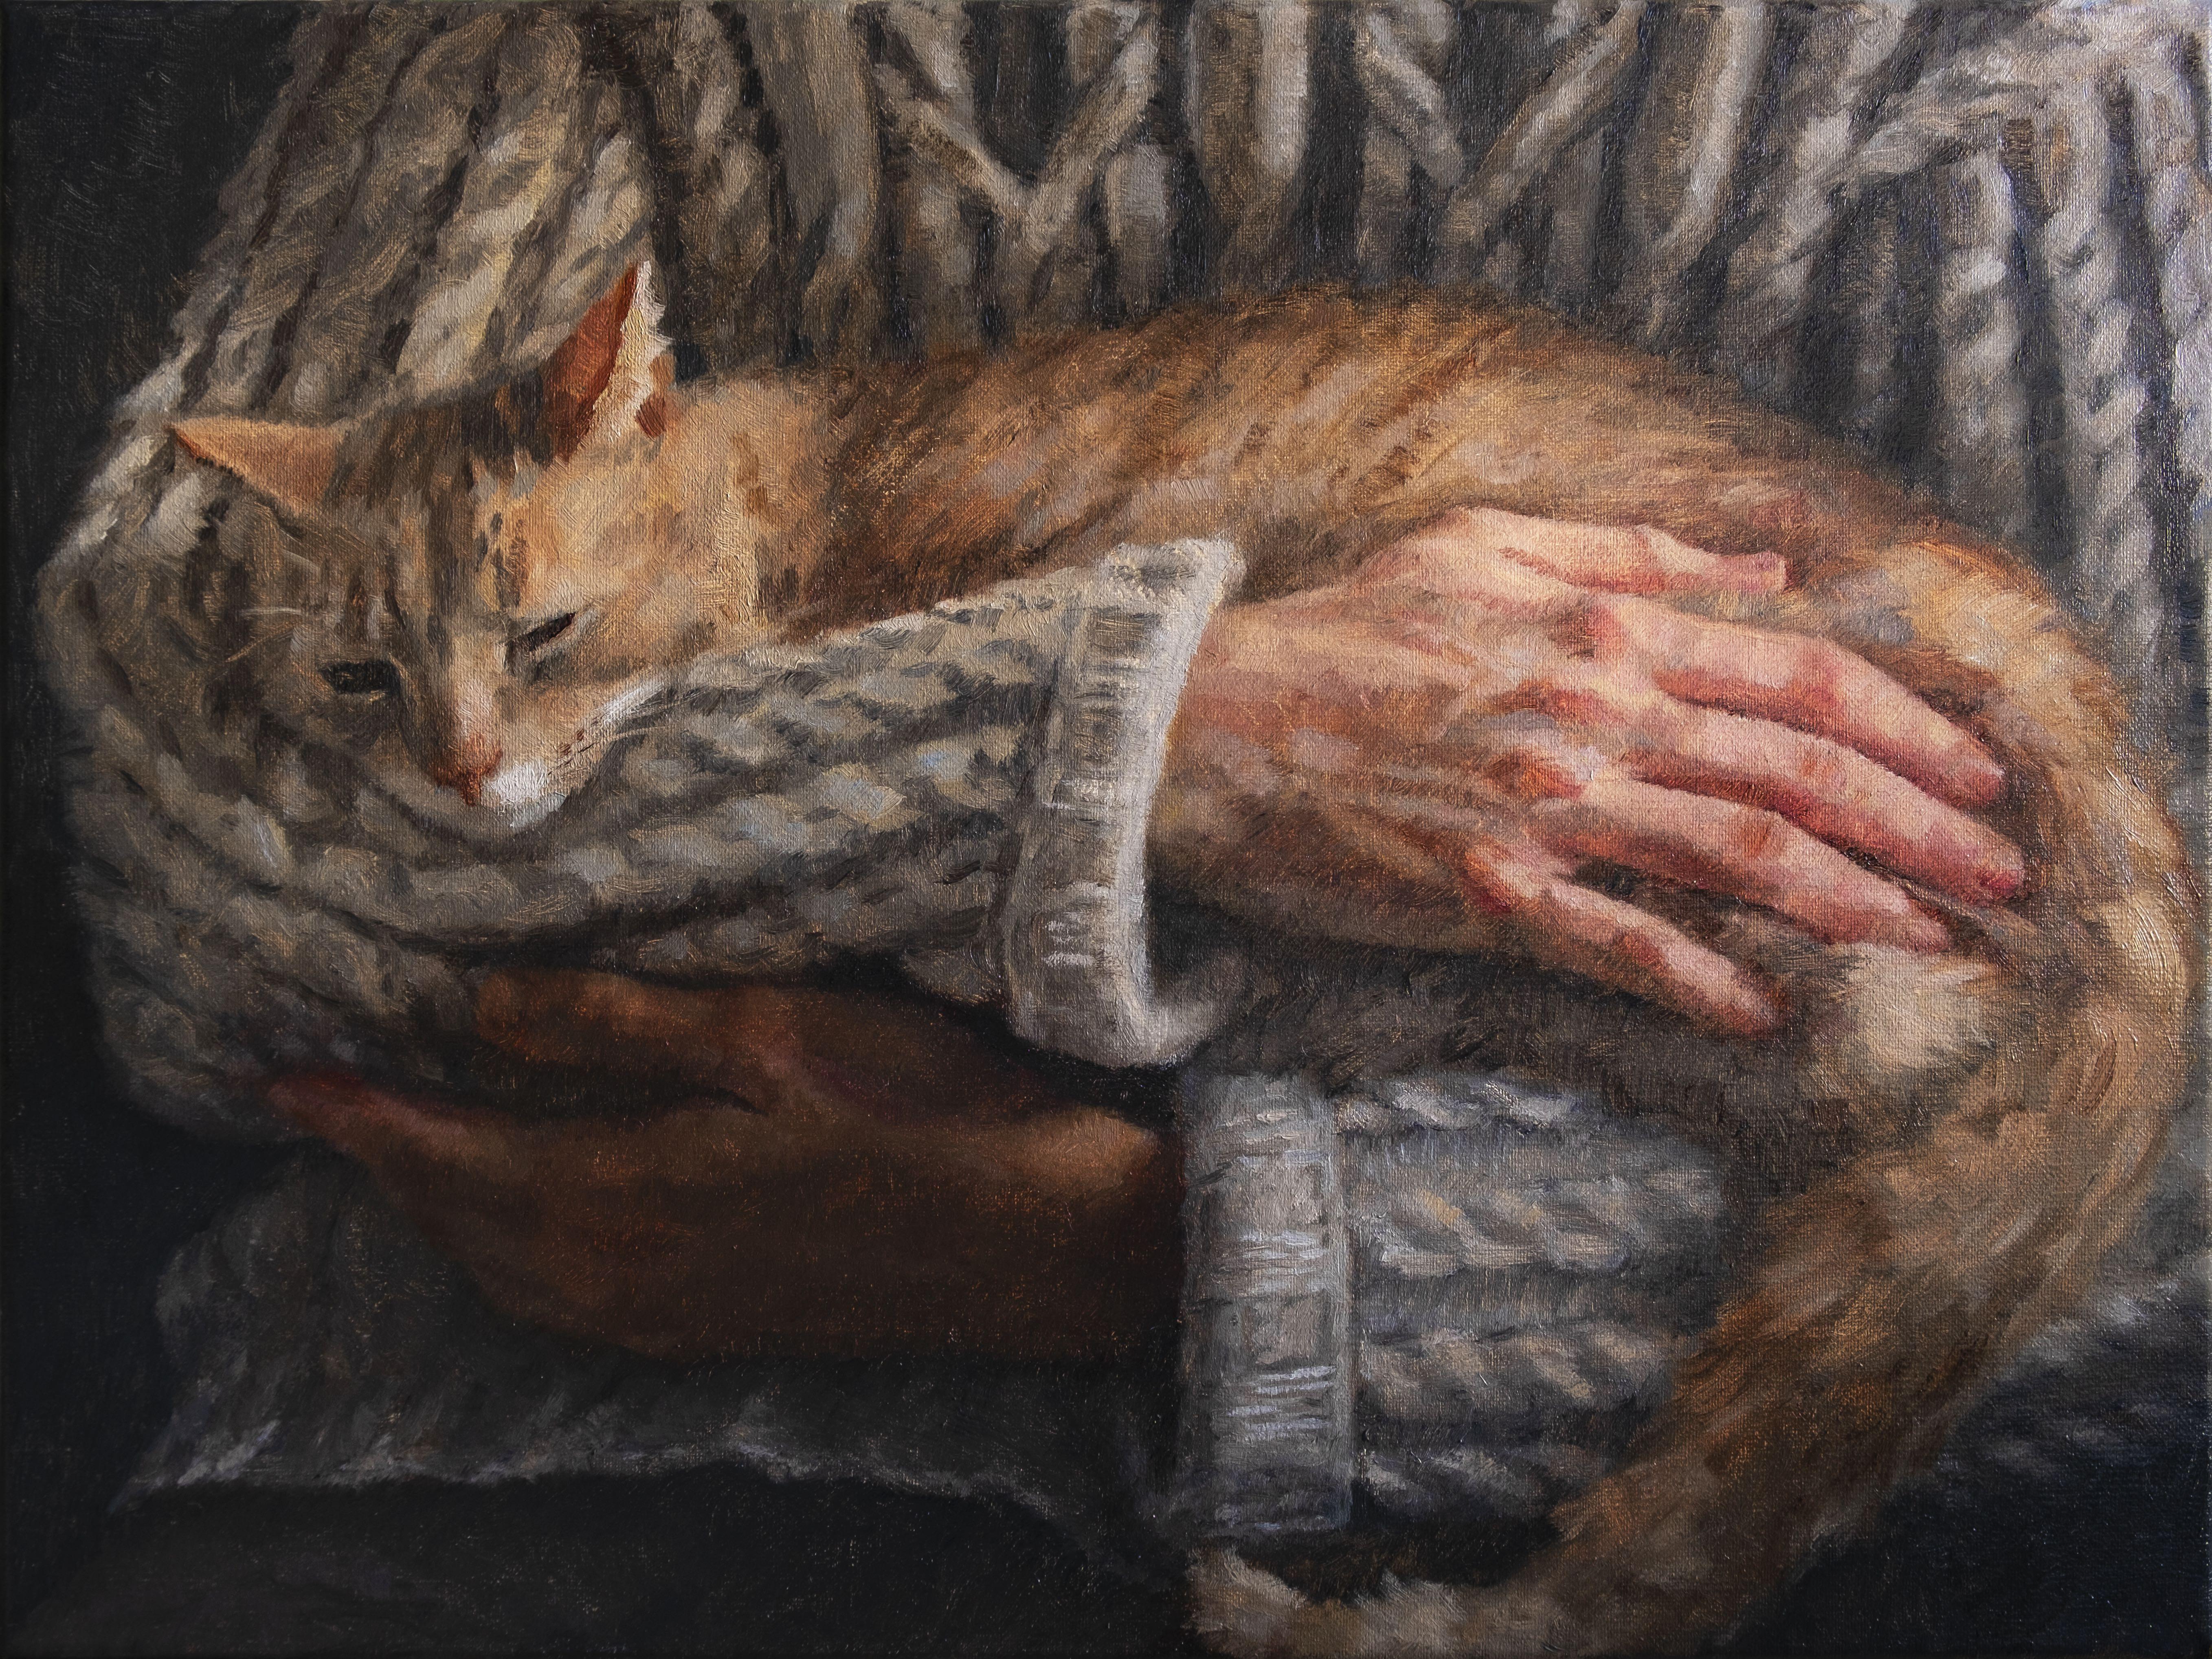 Anna Calleja, Safe, oil on canvas, 30x40cm, 2020